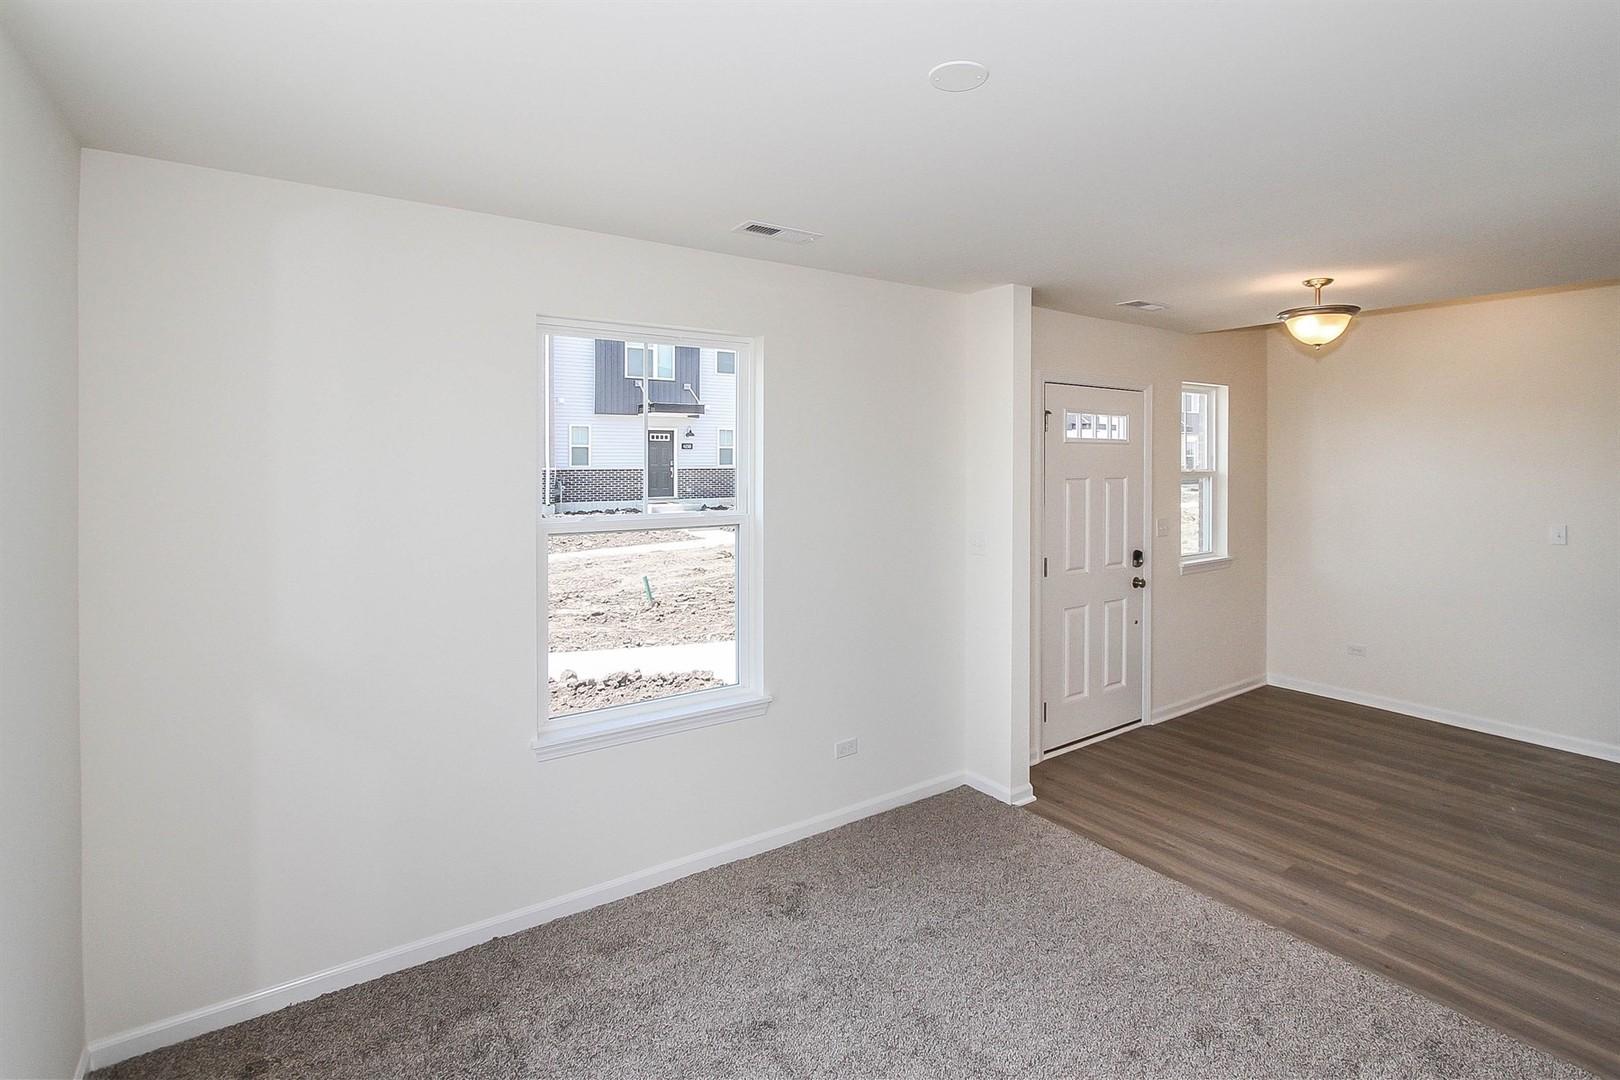 4176 Irving Lot #19.06, AURORA, Illinois, 60504